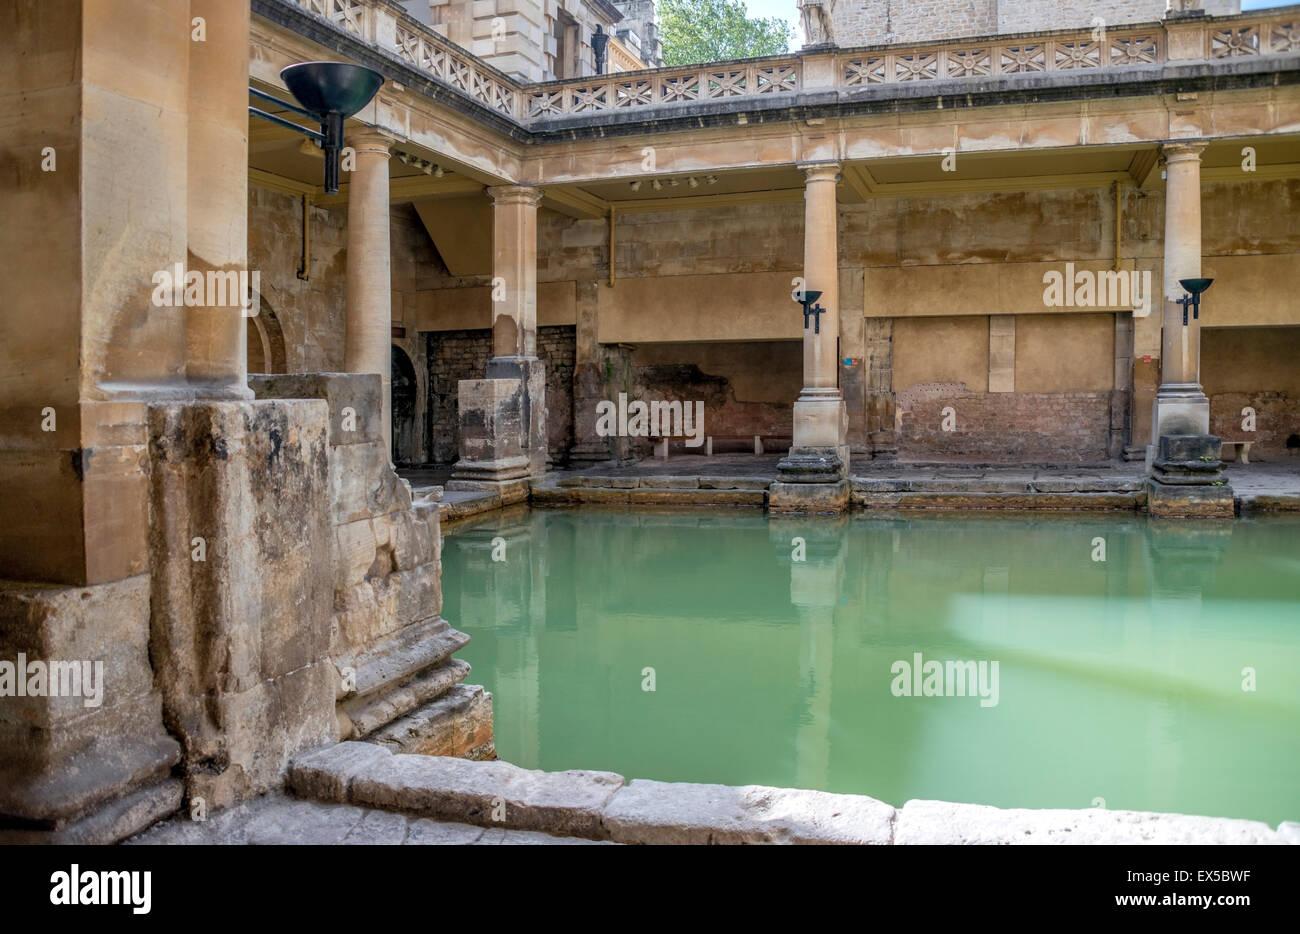 La grande vasca da bagno di Bagni Romani complessa, un sito di interesse storico nella città inglese di Bath, Somerset, Foto Stock